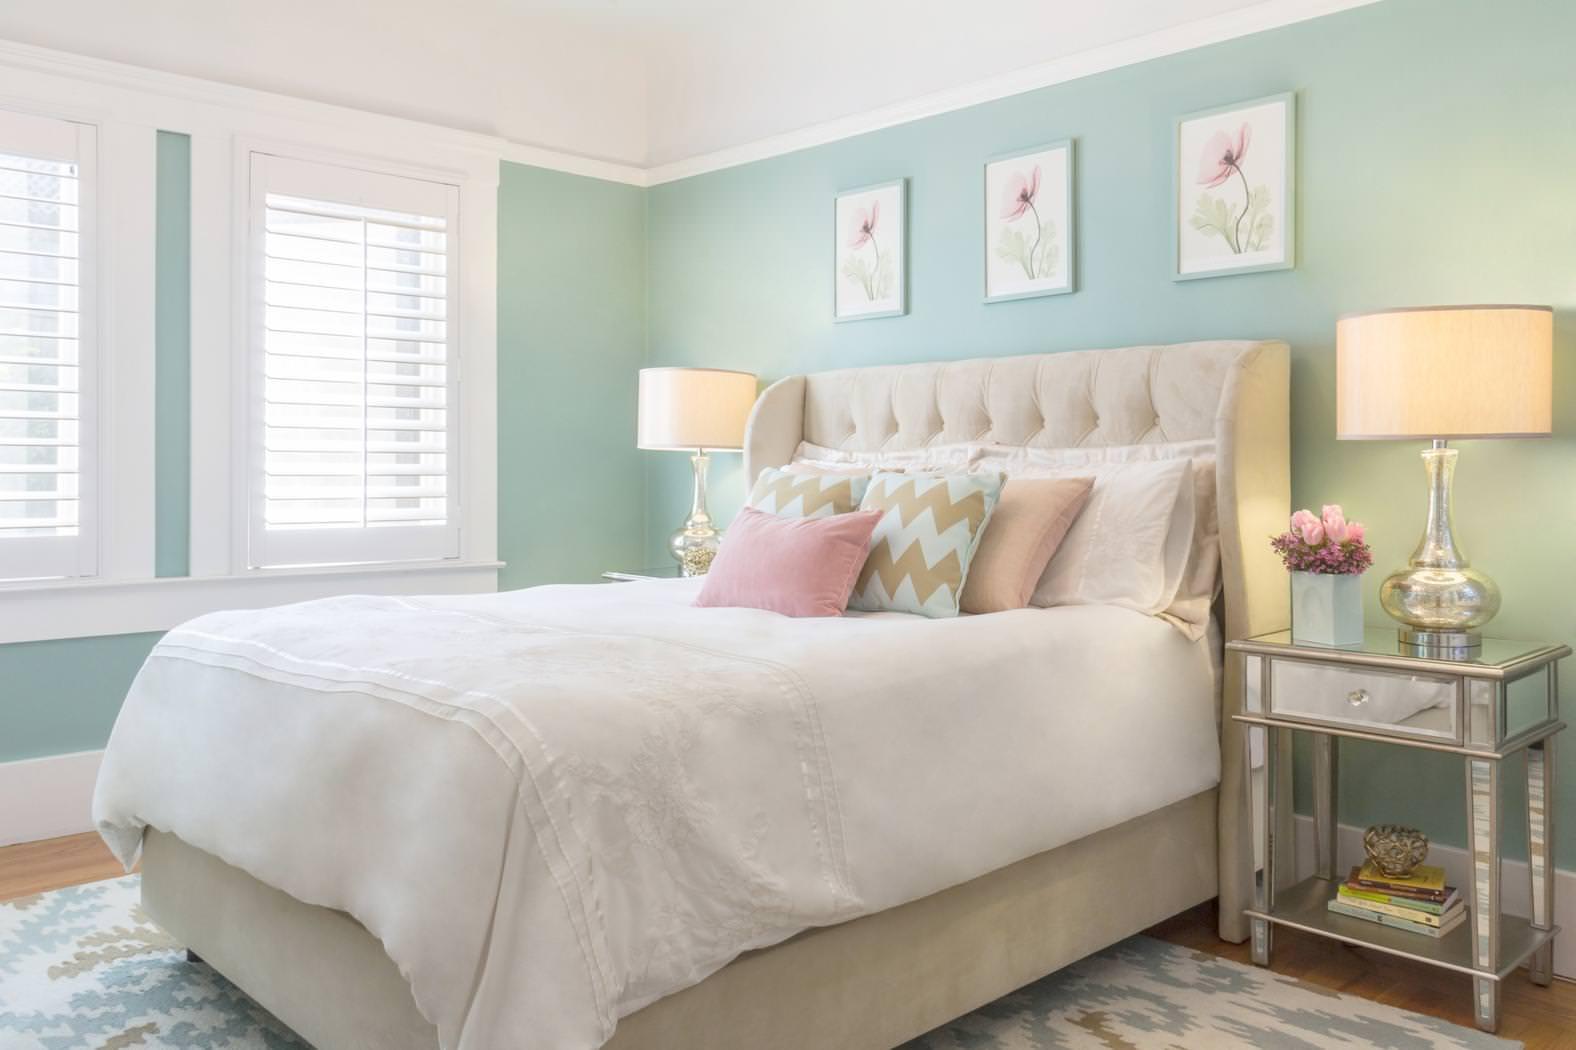 Светлая мебель для спальни в стиле арт-деко